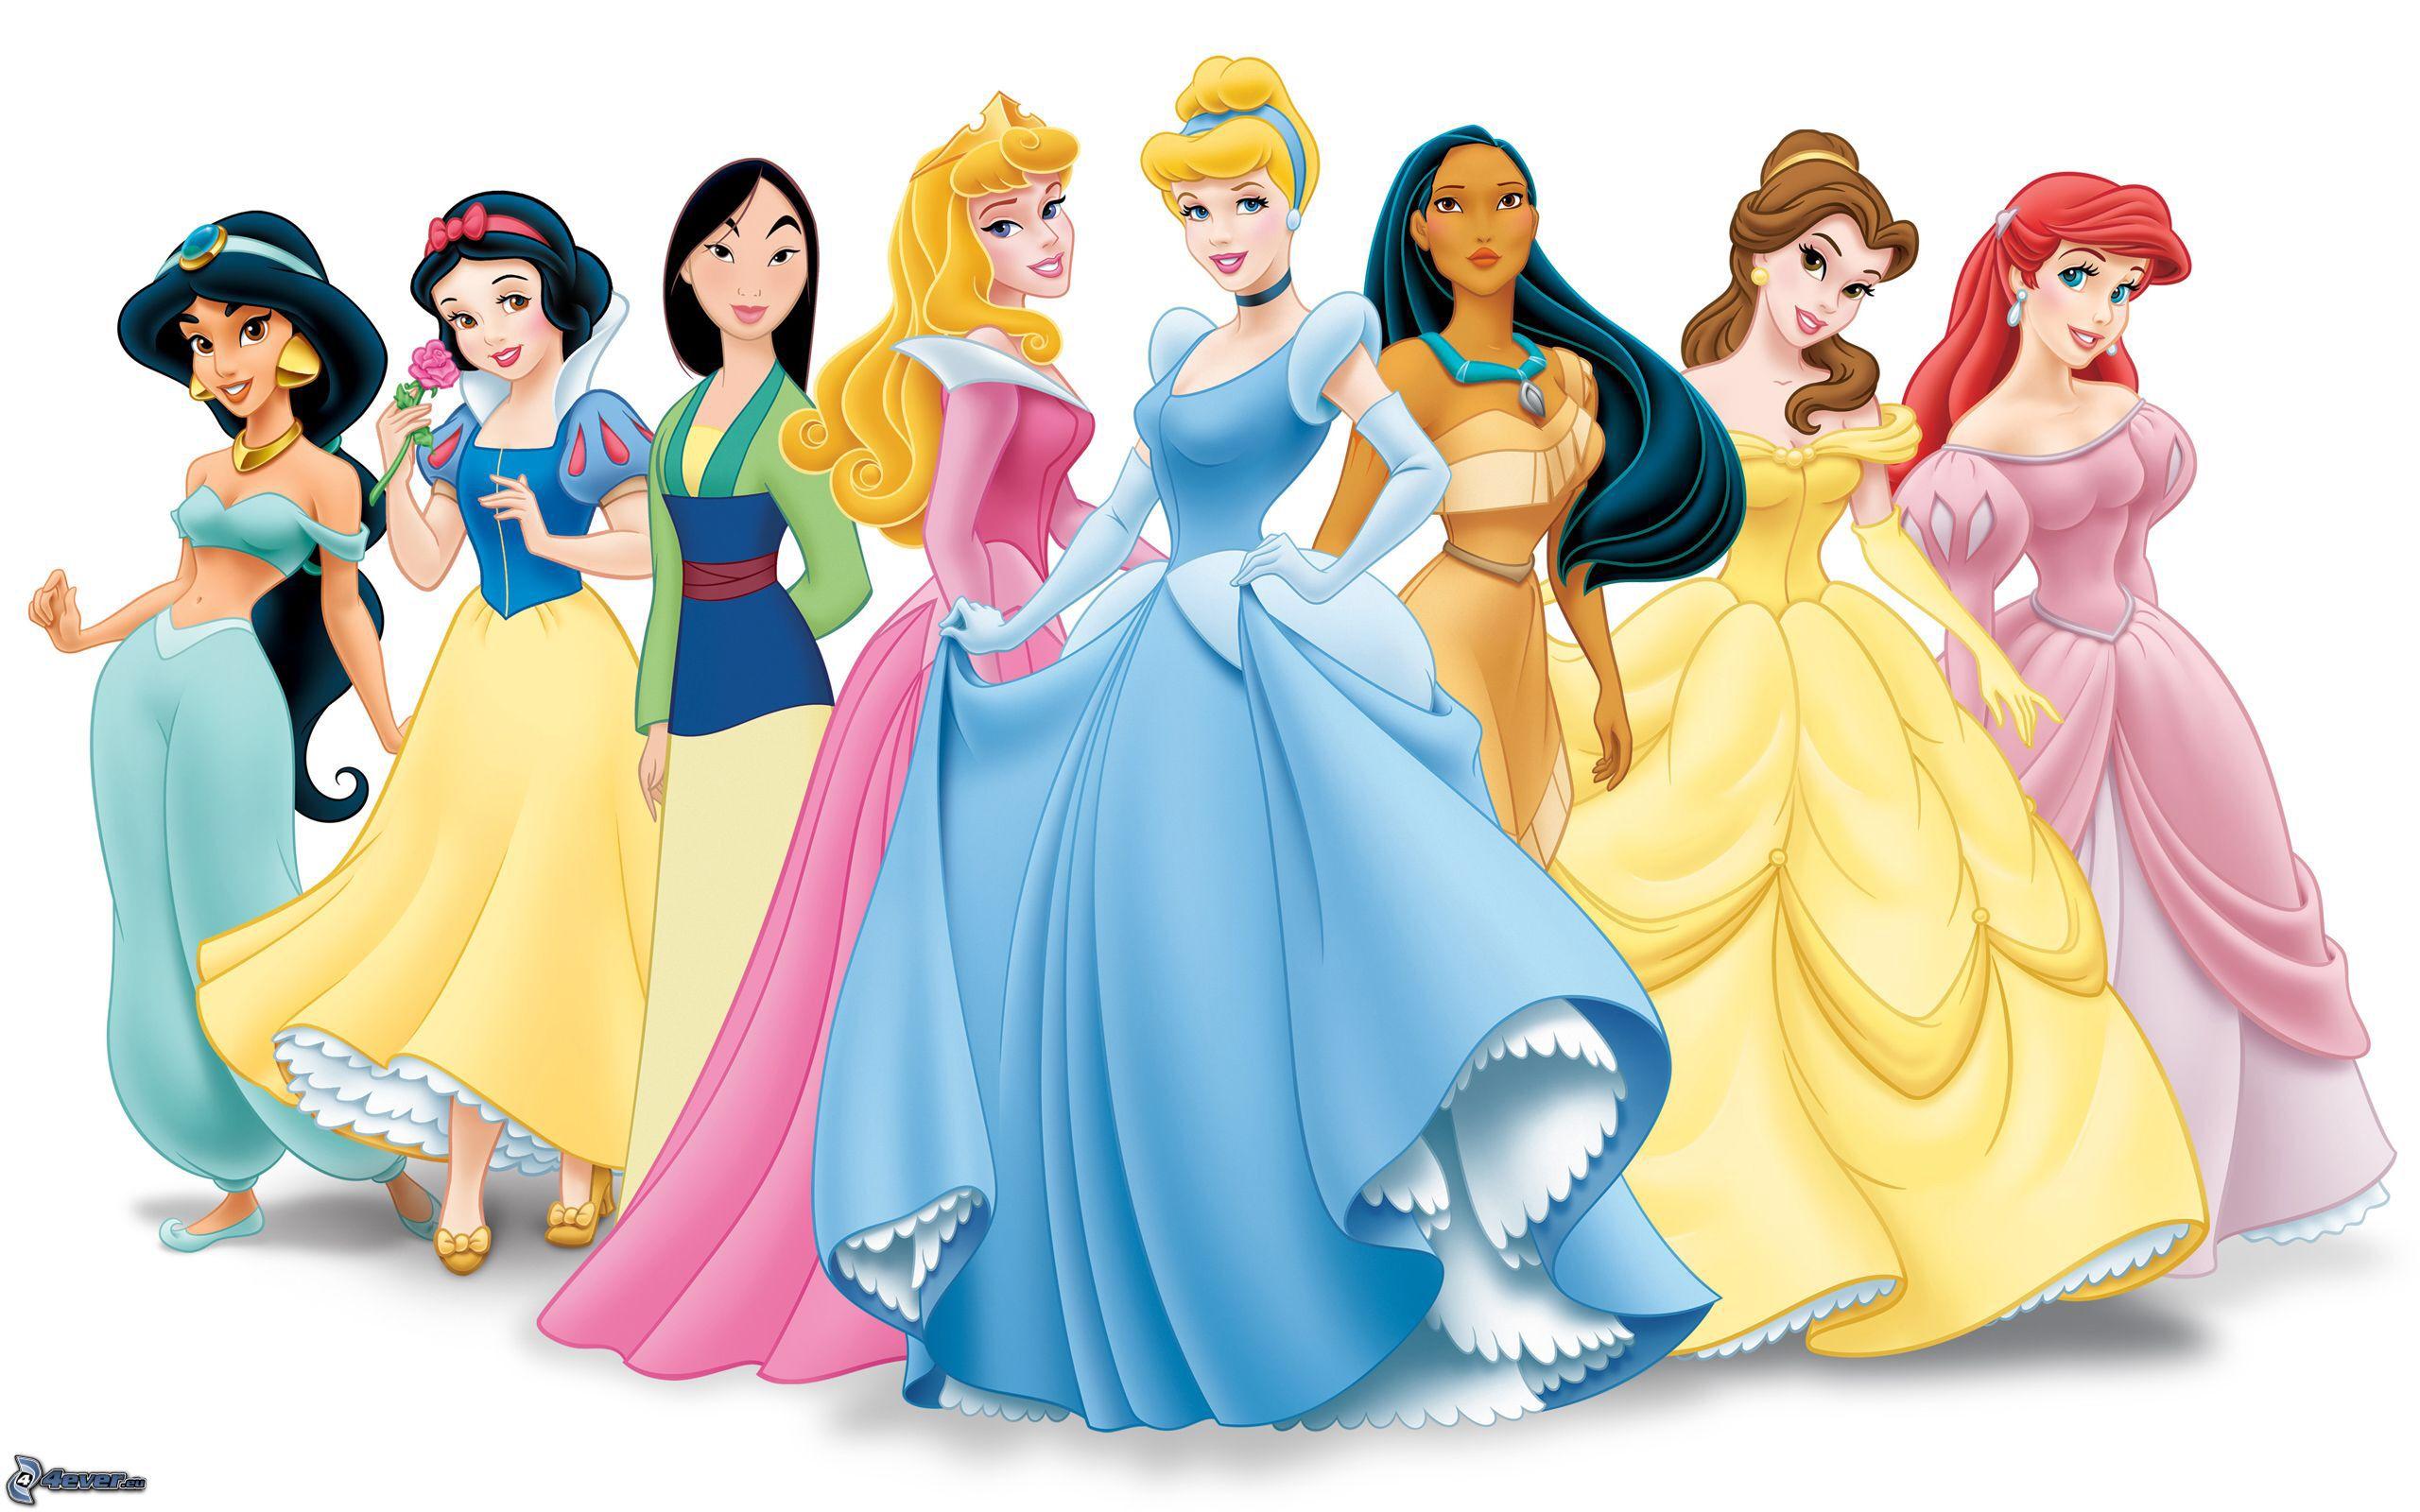 Imagen de http://imagenes.4ever.eu/data/download/arte/cine-y-series/princesas-de-disney,-mulan,-blancanieves,-la-bella-durmiente,-cenicienta,-pocahontas,-jasmine-210724.jpg.